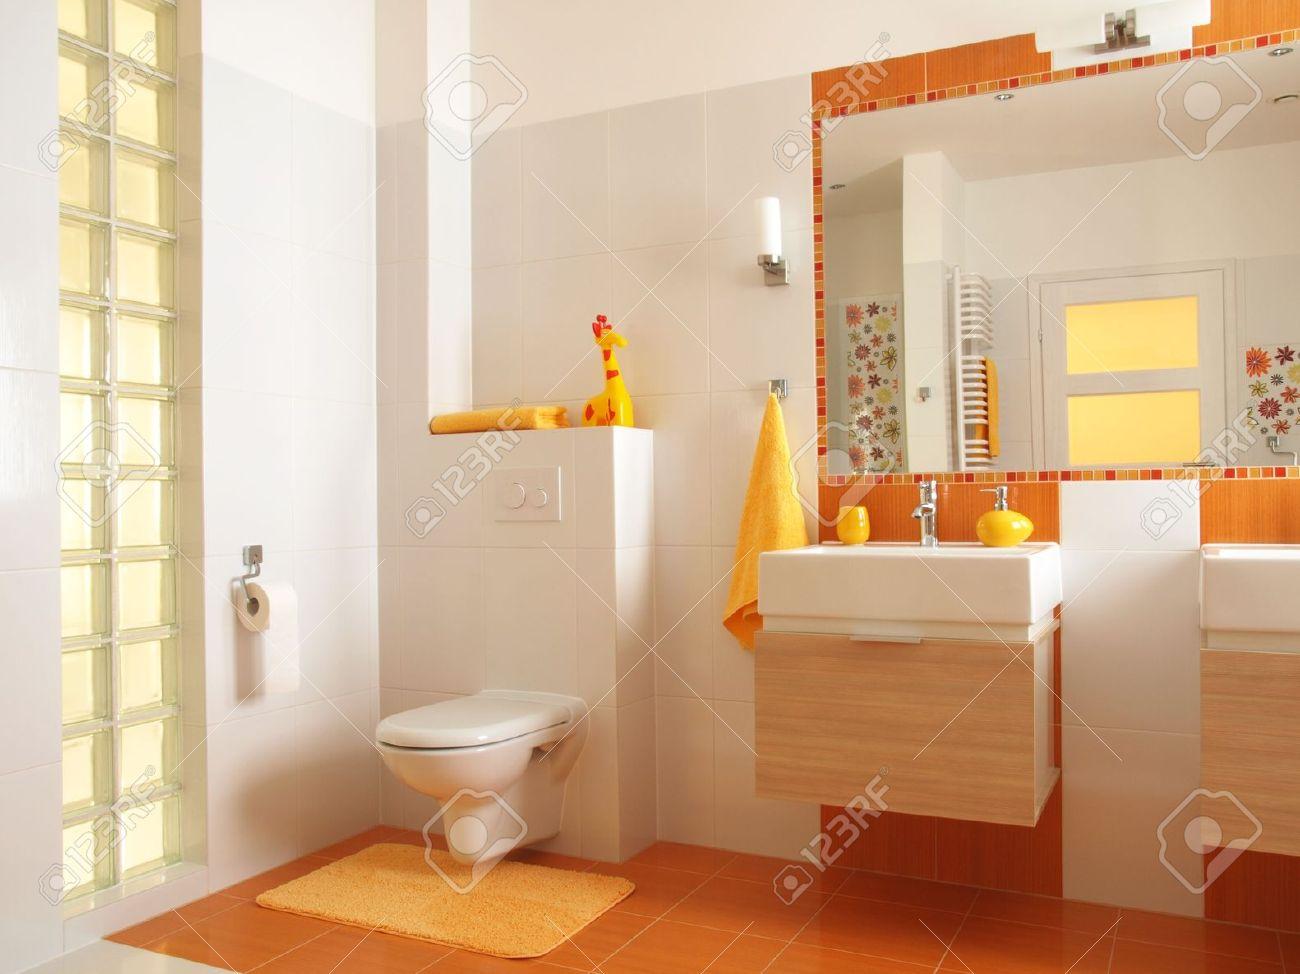 freundliches bad für kinder mit orangefarbenen fliesen und dekore, Hause ideen